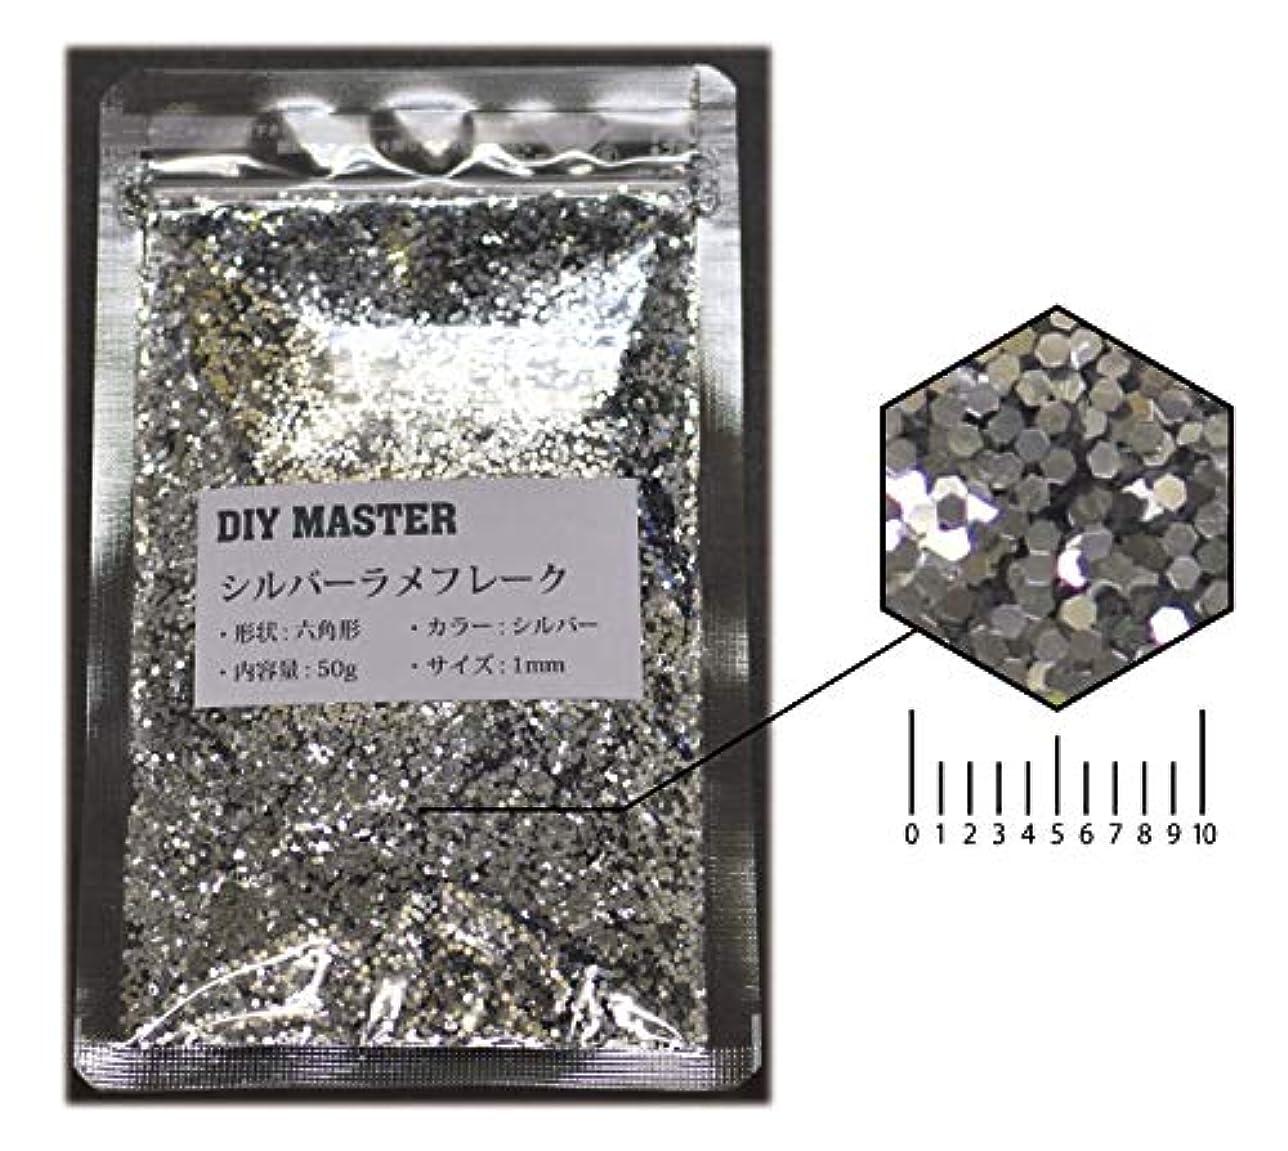 スナップ懺悔断線DIY MASTER シルバー ラメフレーク 1mm 50g